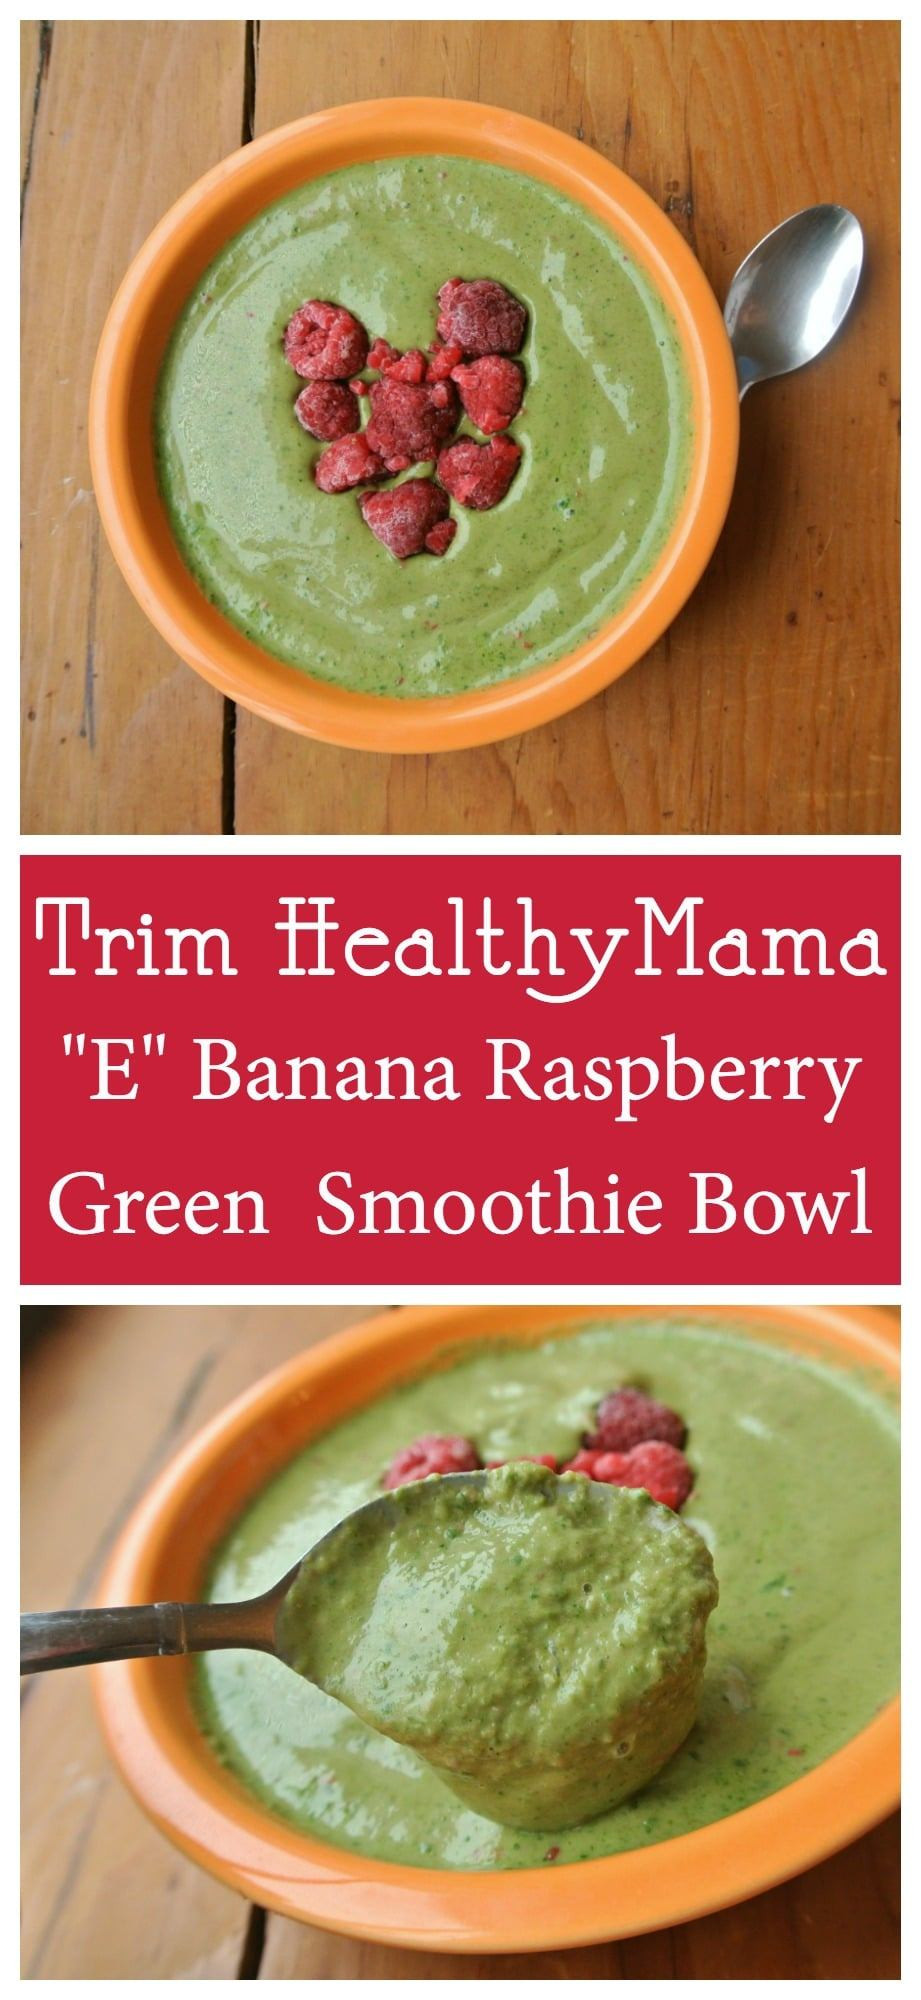 Trim Healthy Mama Smoothies  Trim Healthy Mama Green Smoothie Bowl E